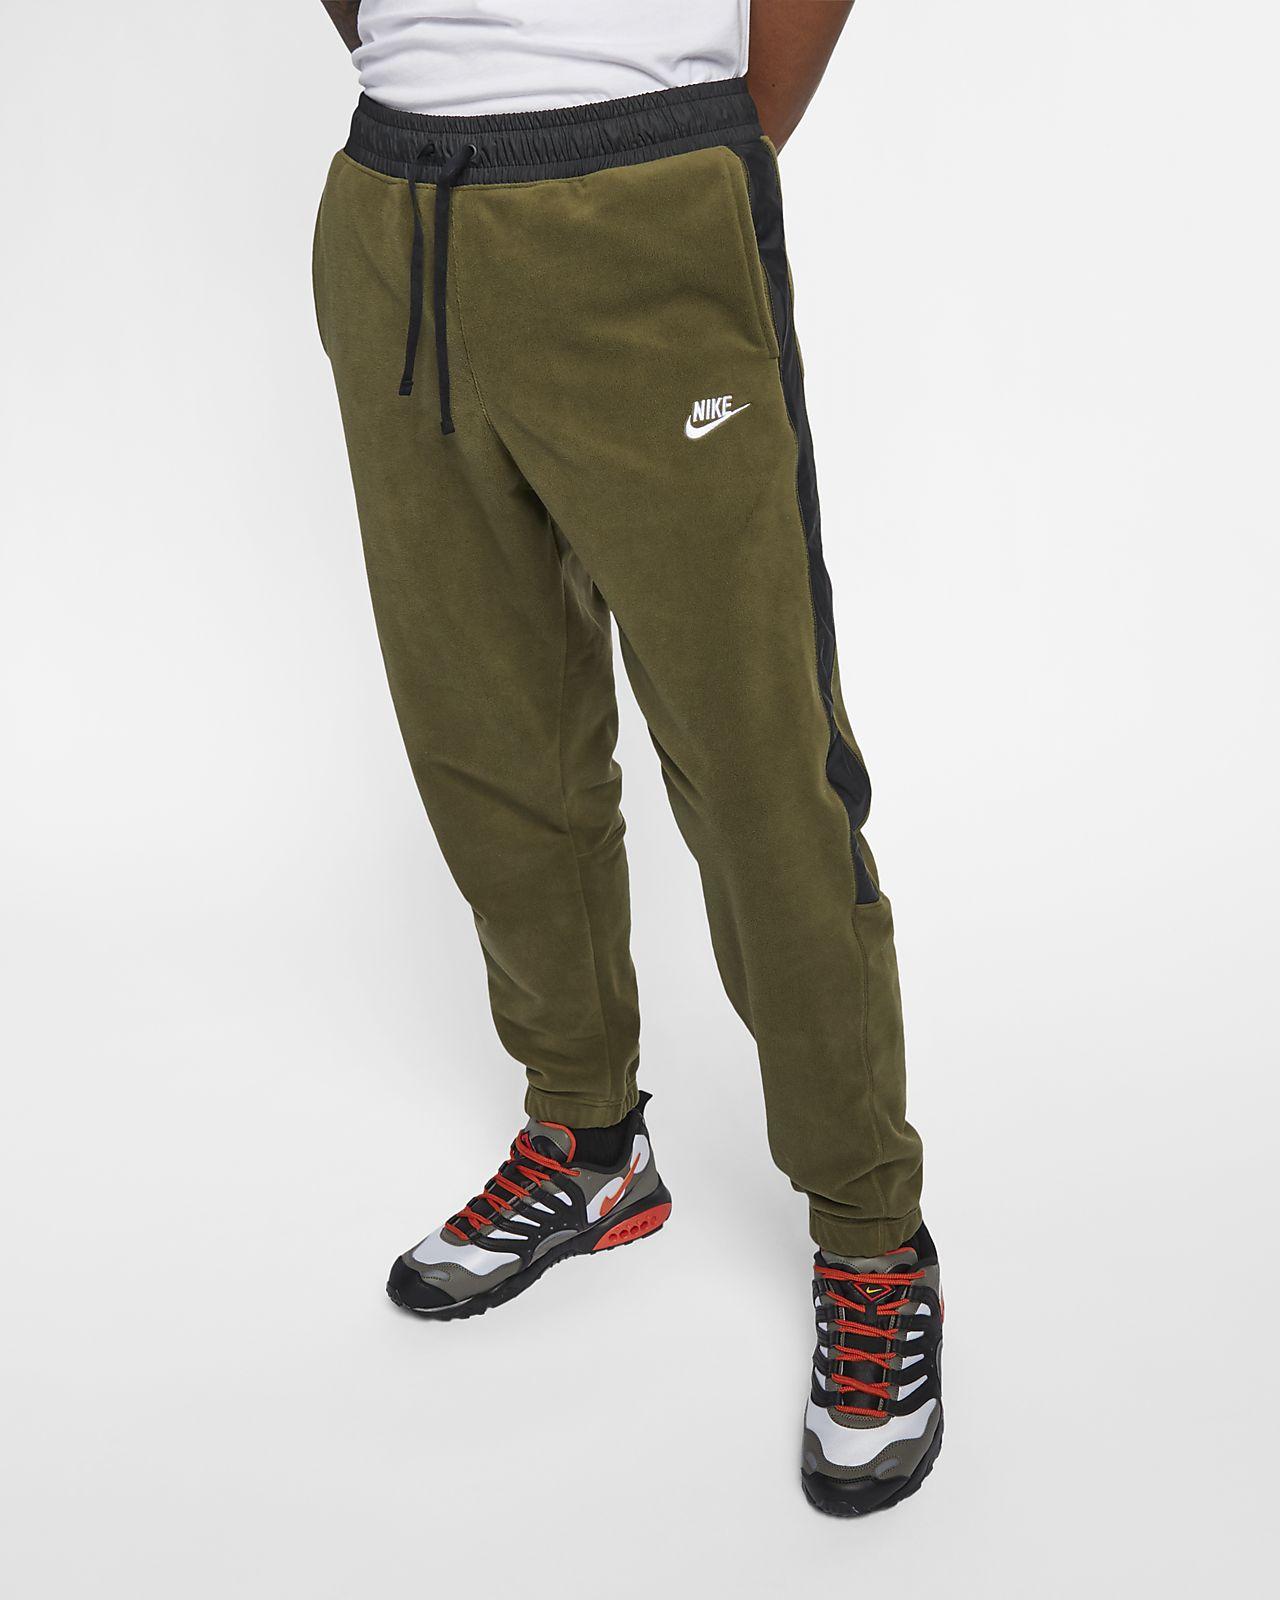 Pantalon Pour Pantalon Nike Sportswear Sportswear Nike Homme xzFRf6qBqw